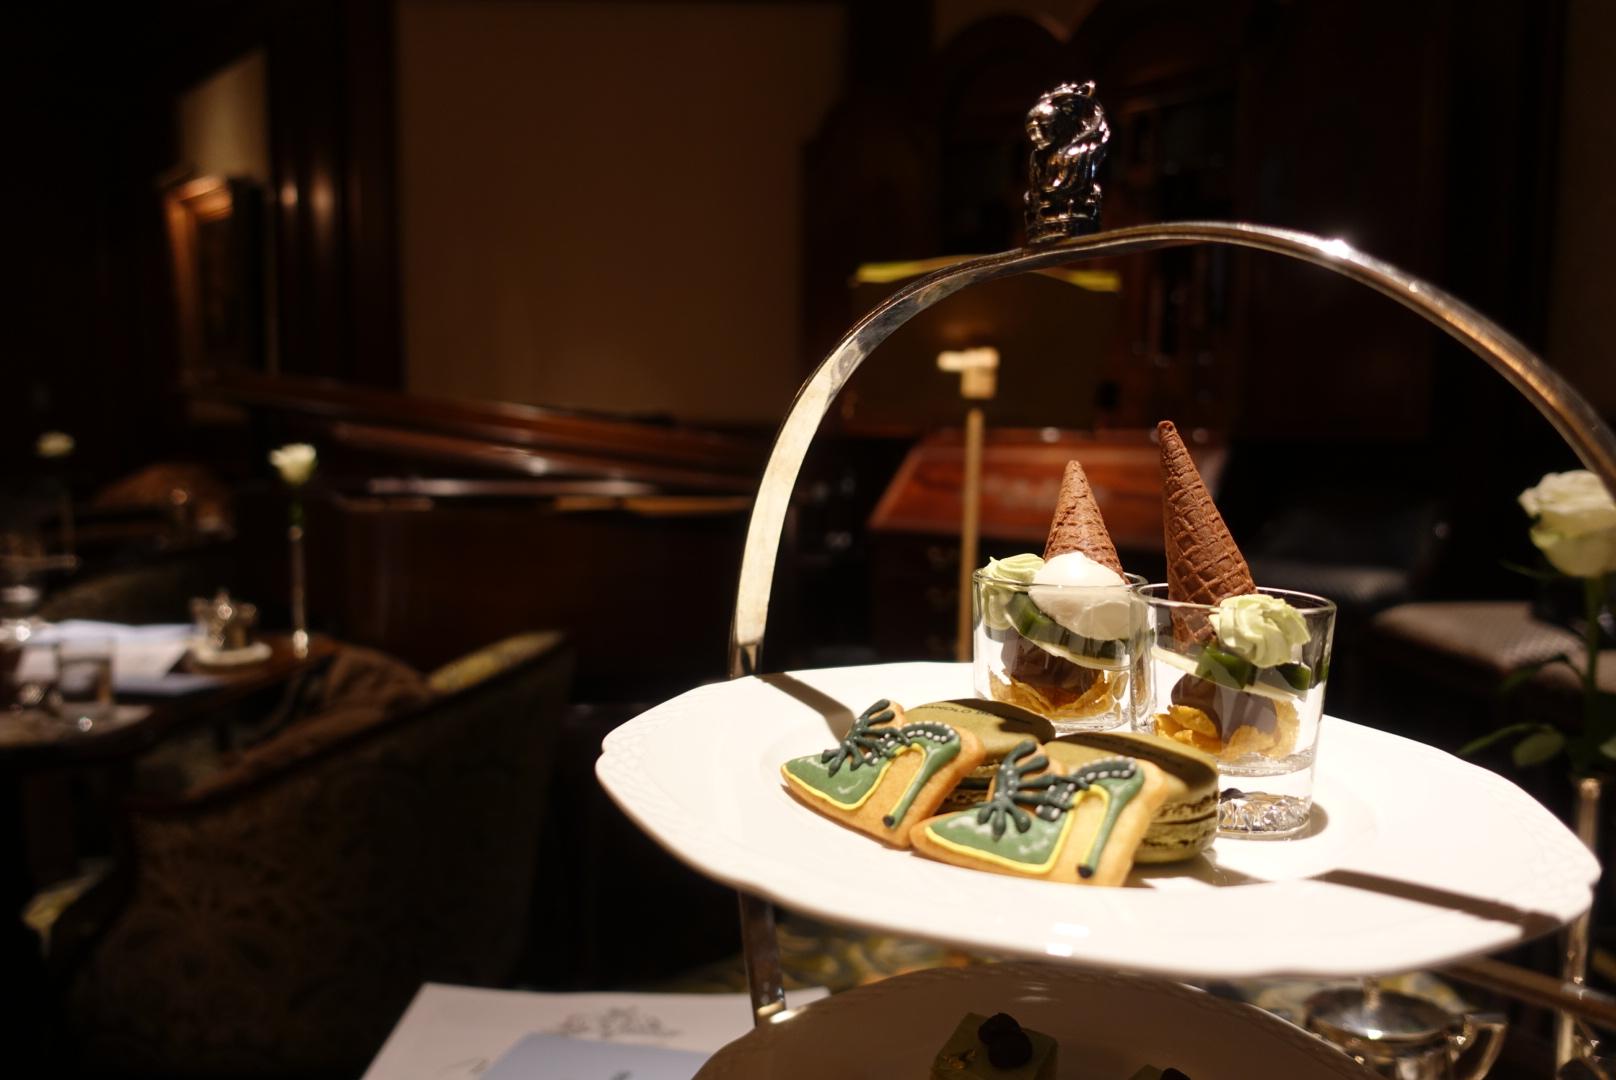 リッツカールトン大阪でマノロコラボ抹茶アフタヌーンティー開催中♡